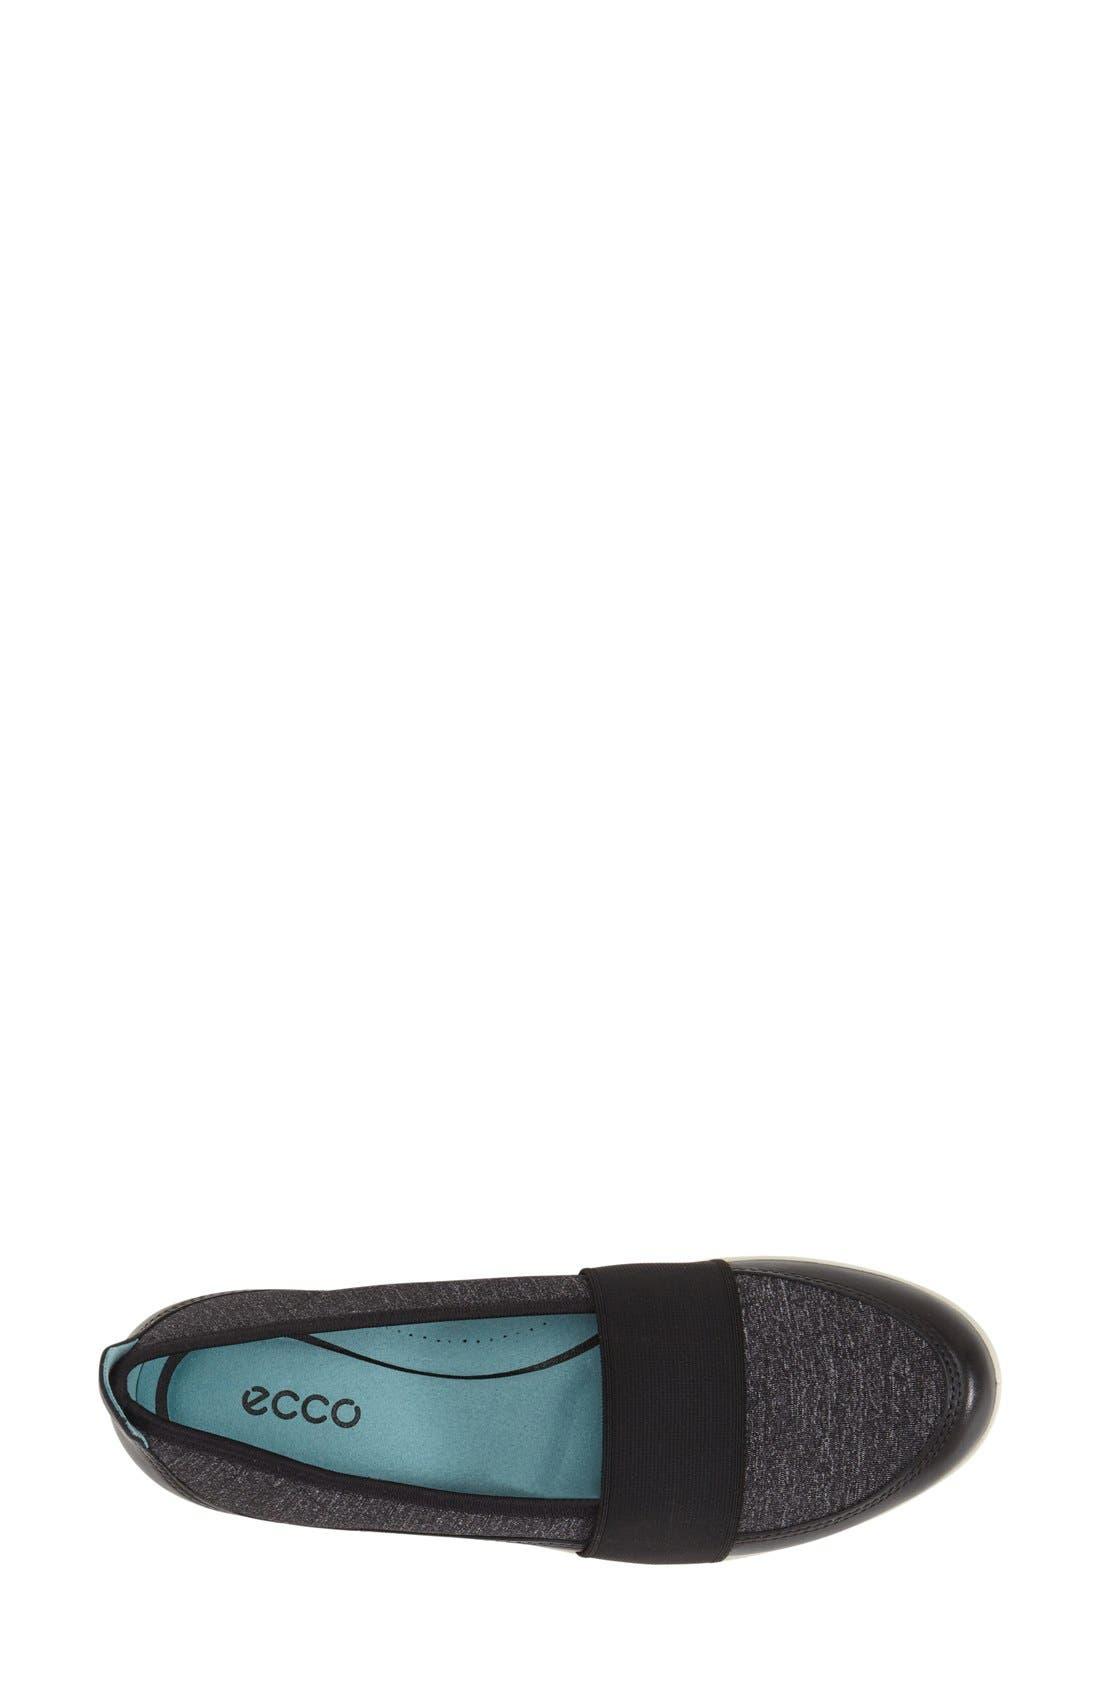 'Bluma' Slip-On Sneaker,                             Alternate thumbnail 10, color,